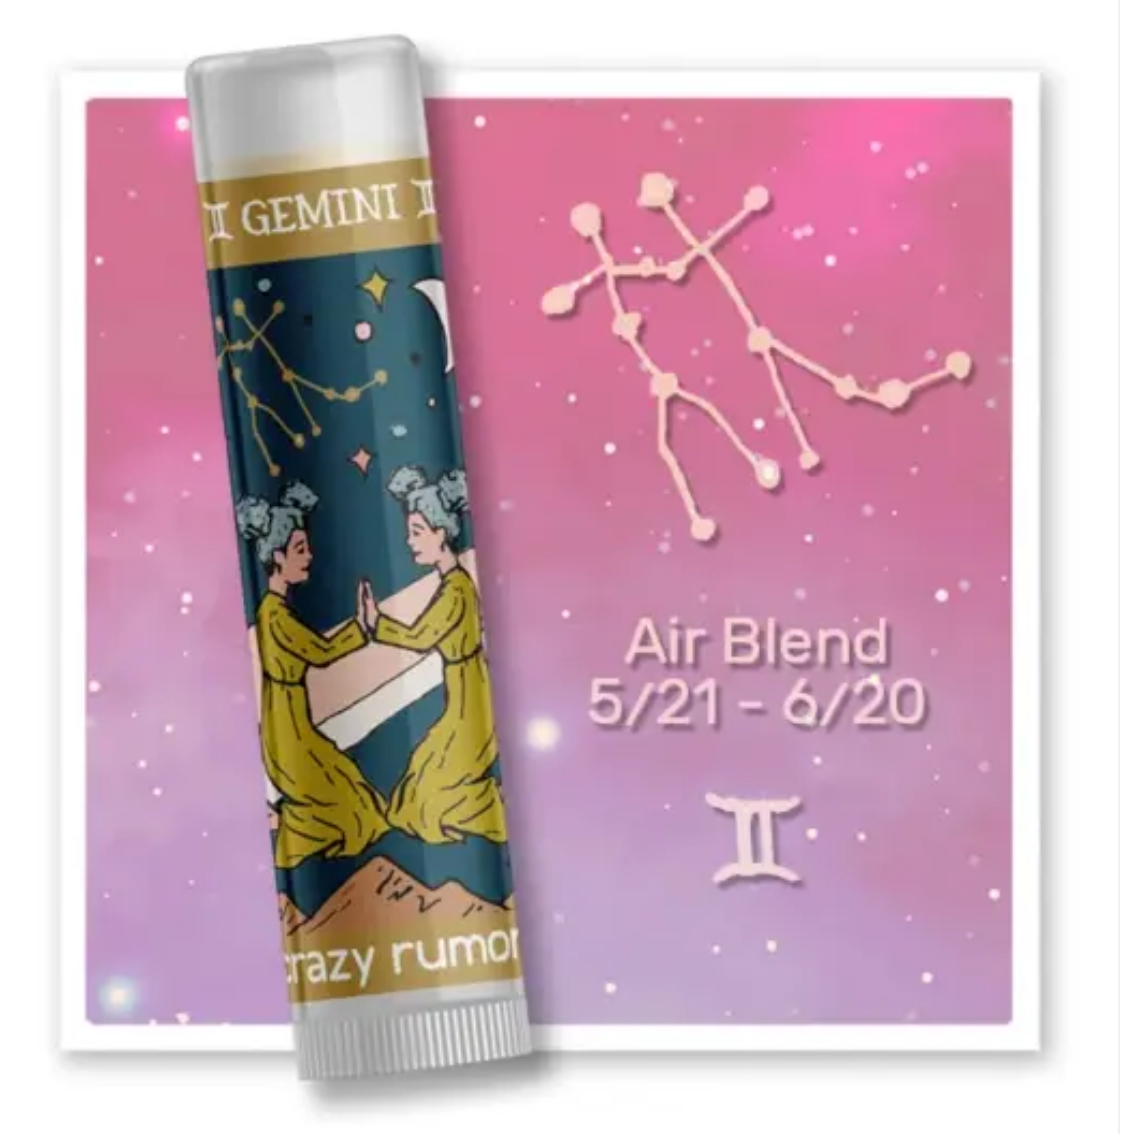 Crazy Rumors Gemini - Air Blend Lip Balm